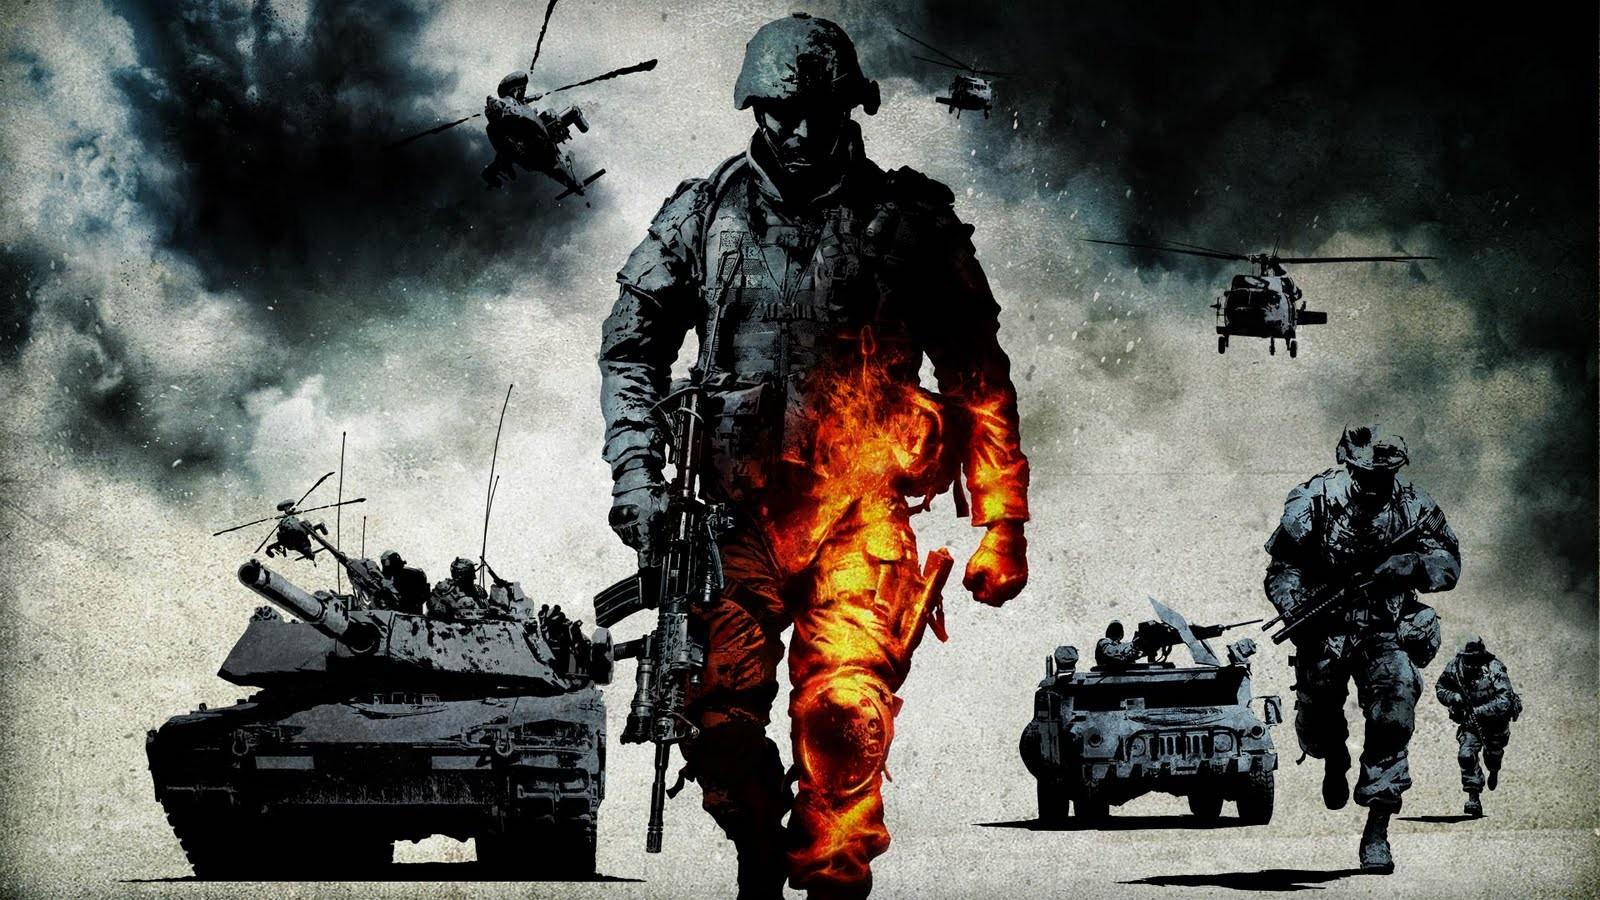 10 Latest Ps4 Games Wallpaper Hd Full Hd 1080p For Pc: Fondos De Pantalla : Soldado, Militar, Campo De Batalla 3